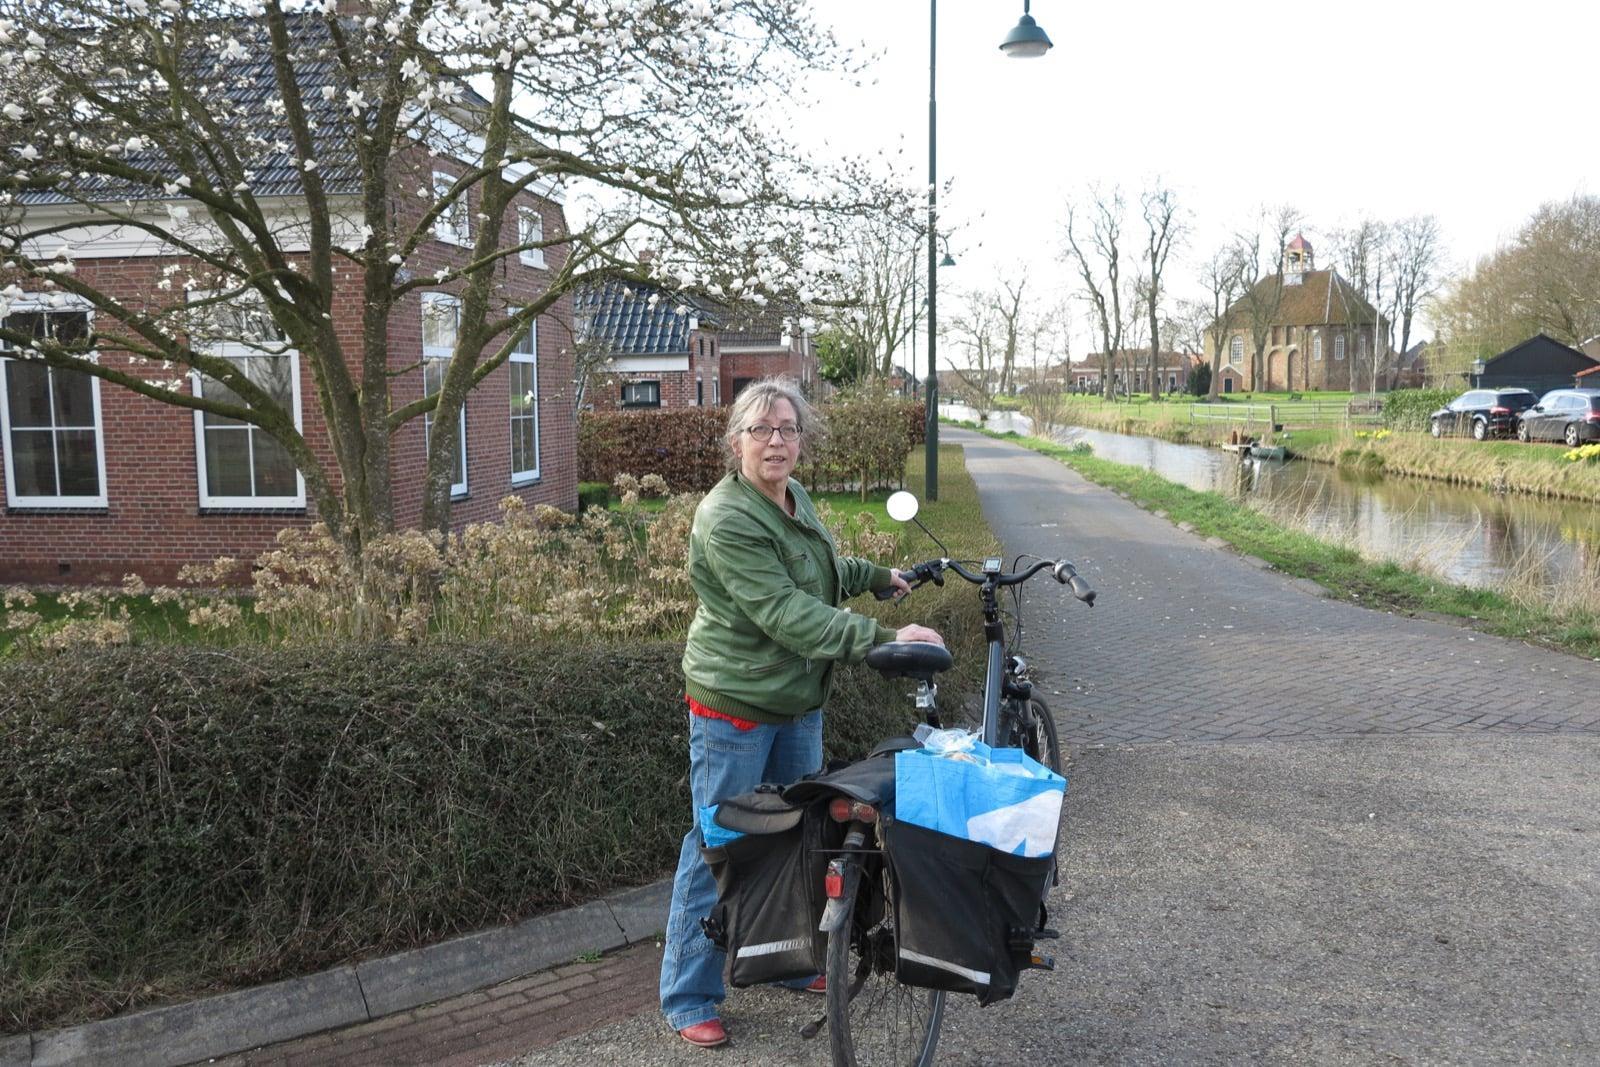 et-fiets-en-fietser-24-angel-stein-oi.jpg